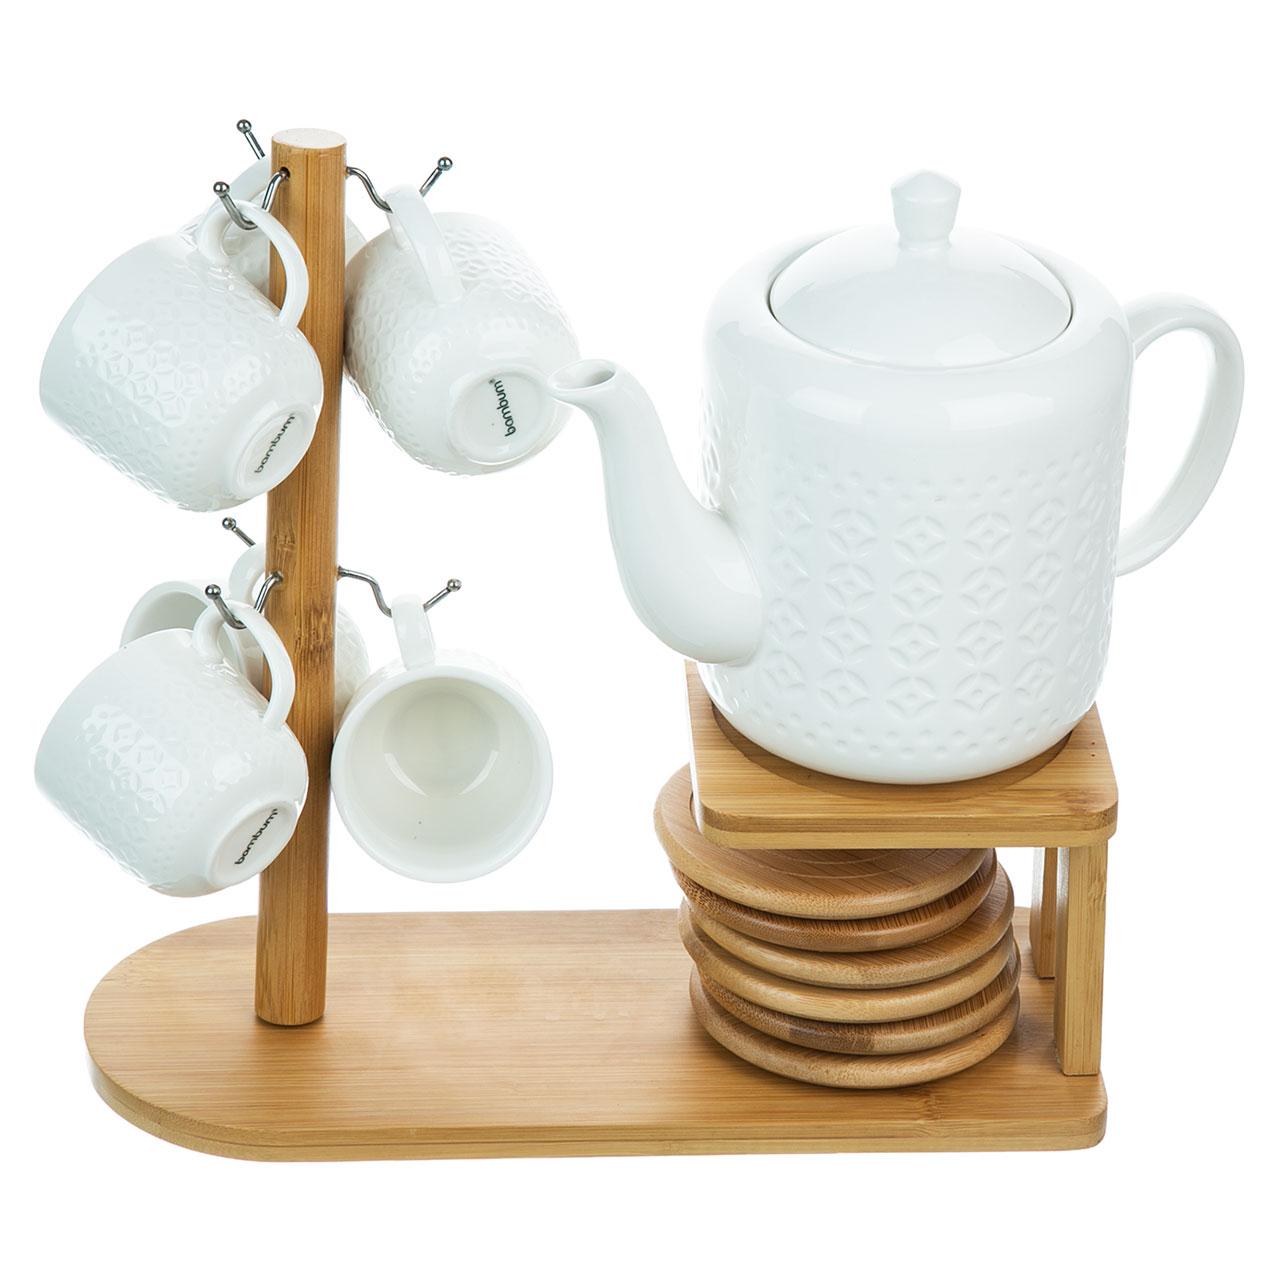 سرویس 15 پارچه چای خوری بامبوم مدل Sencha BB2810